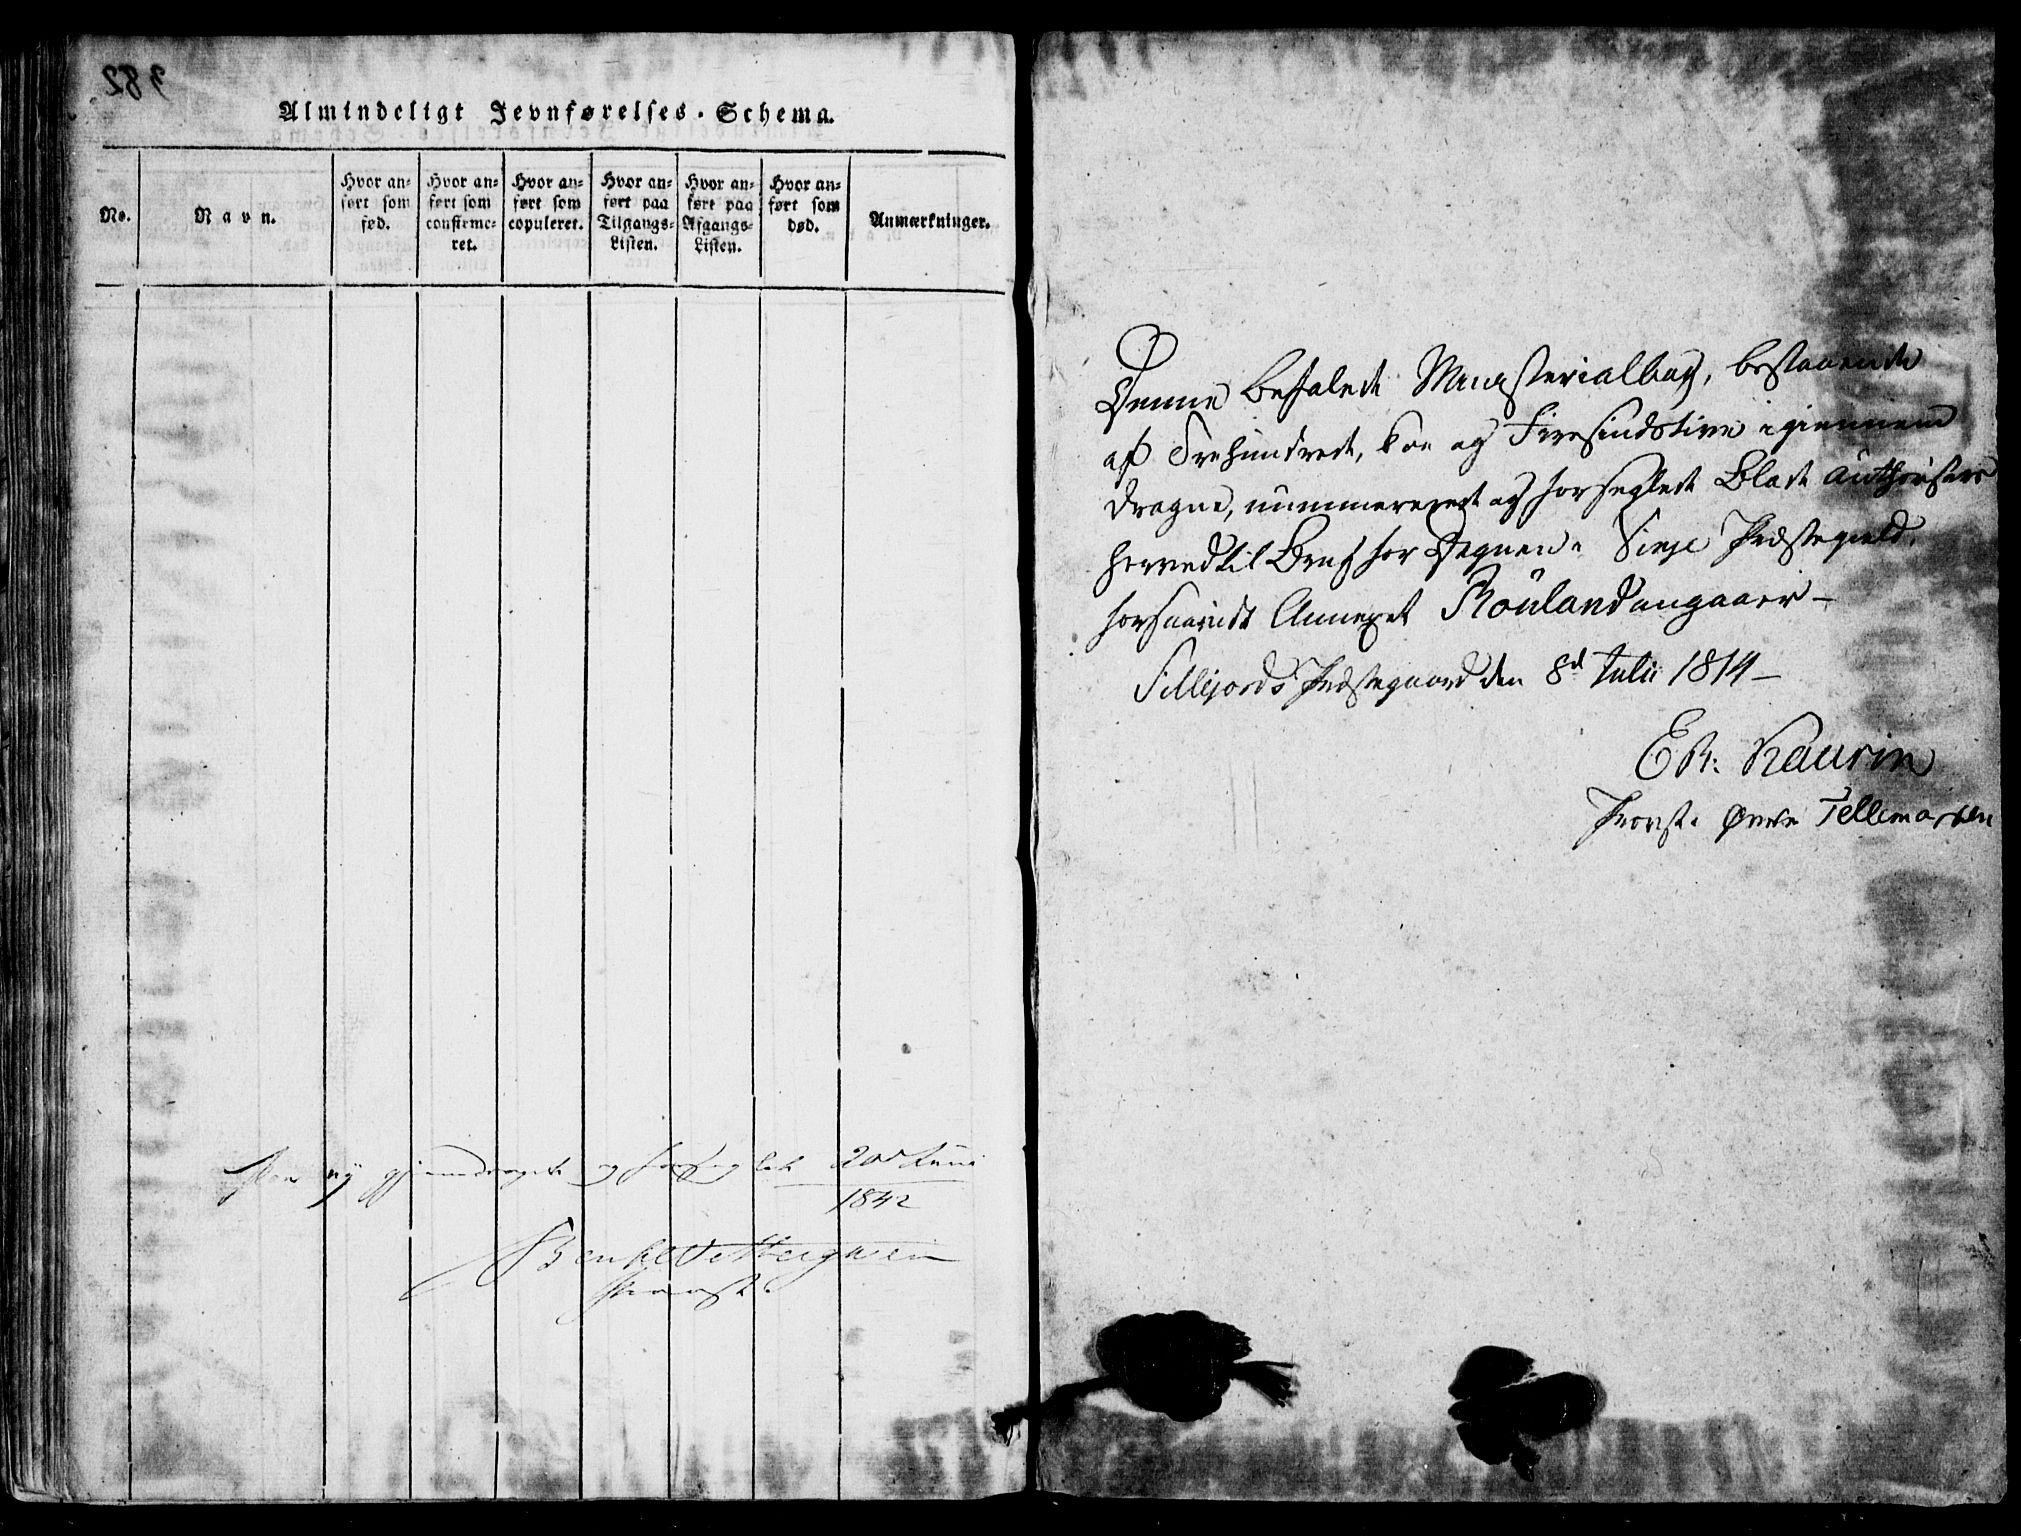 SAKO, Rauland kirkebøker, G/Ga/L0001: Klokkerbok nr. I 1, 1814-1843